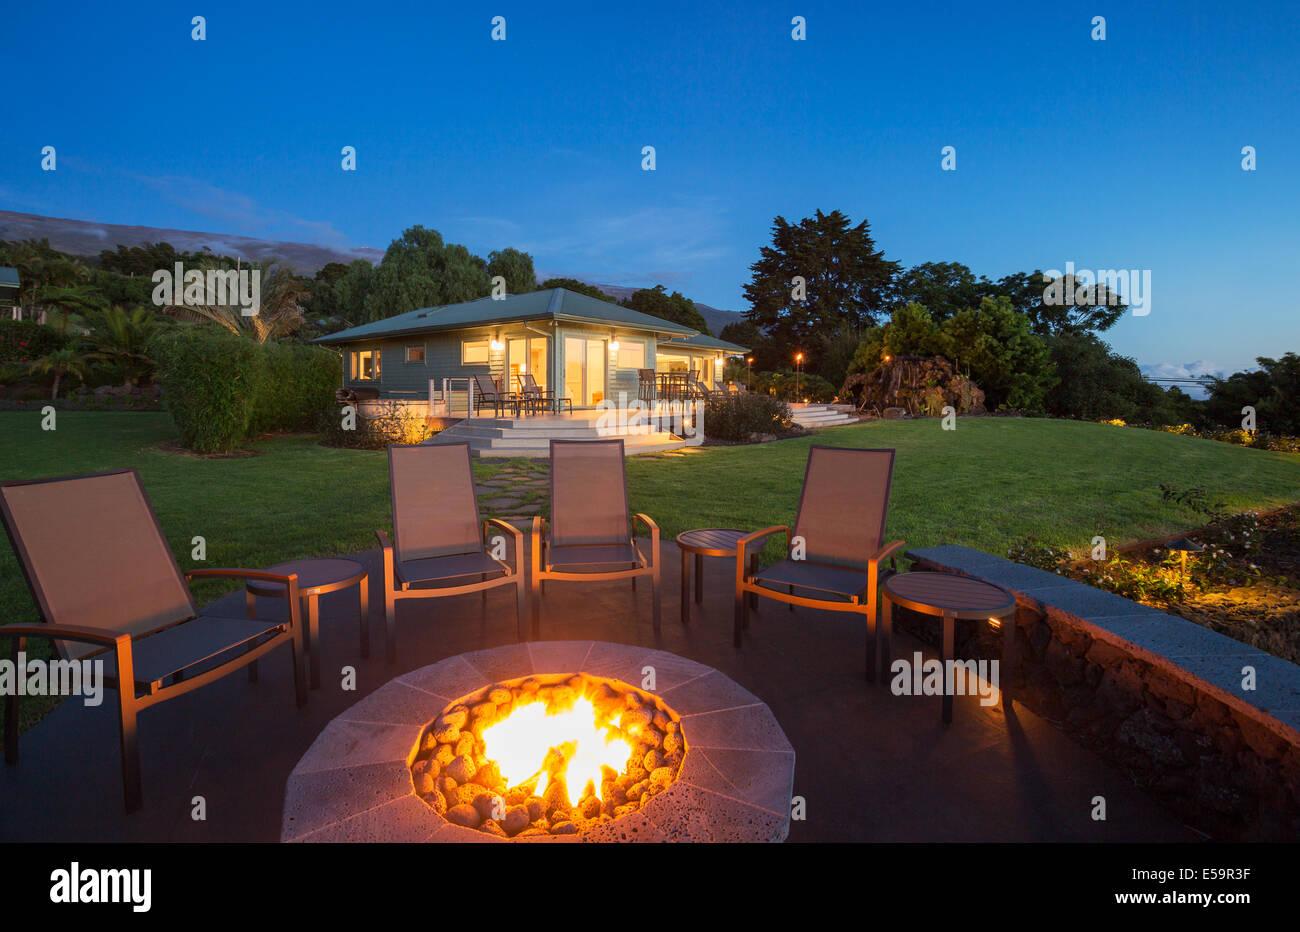 luxus garten feuerstelle bei sonnenuntergang stockfoto, bild